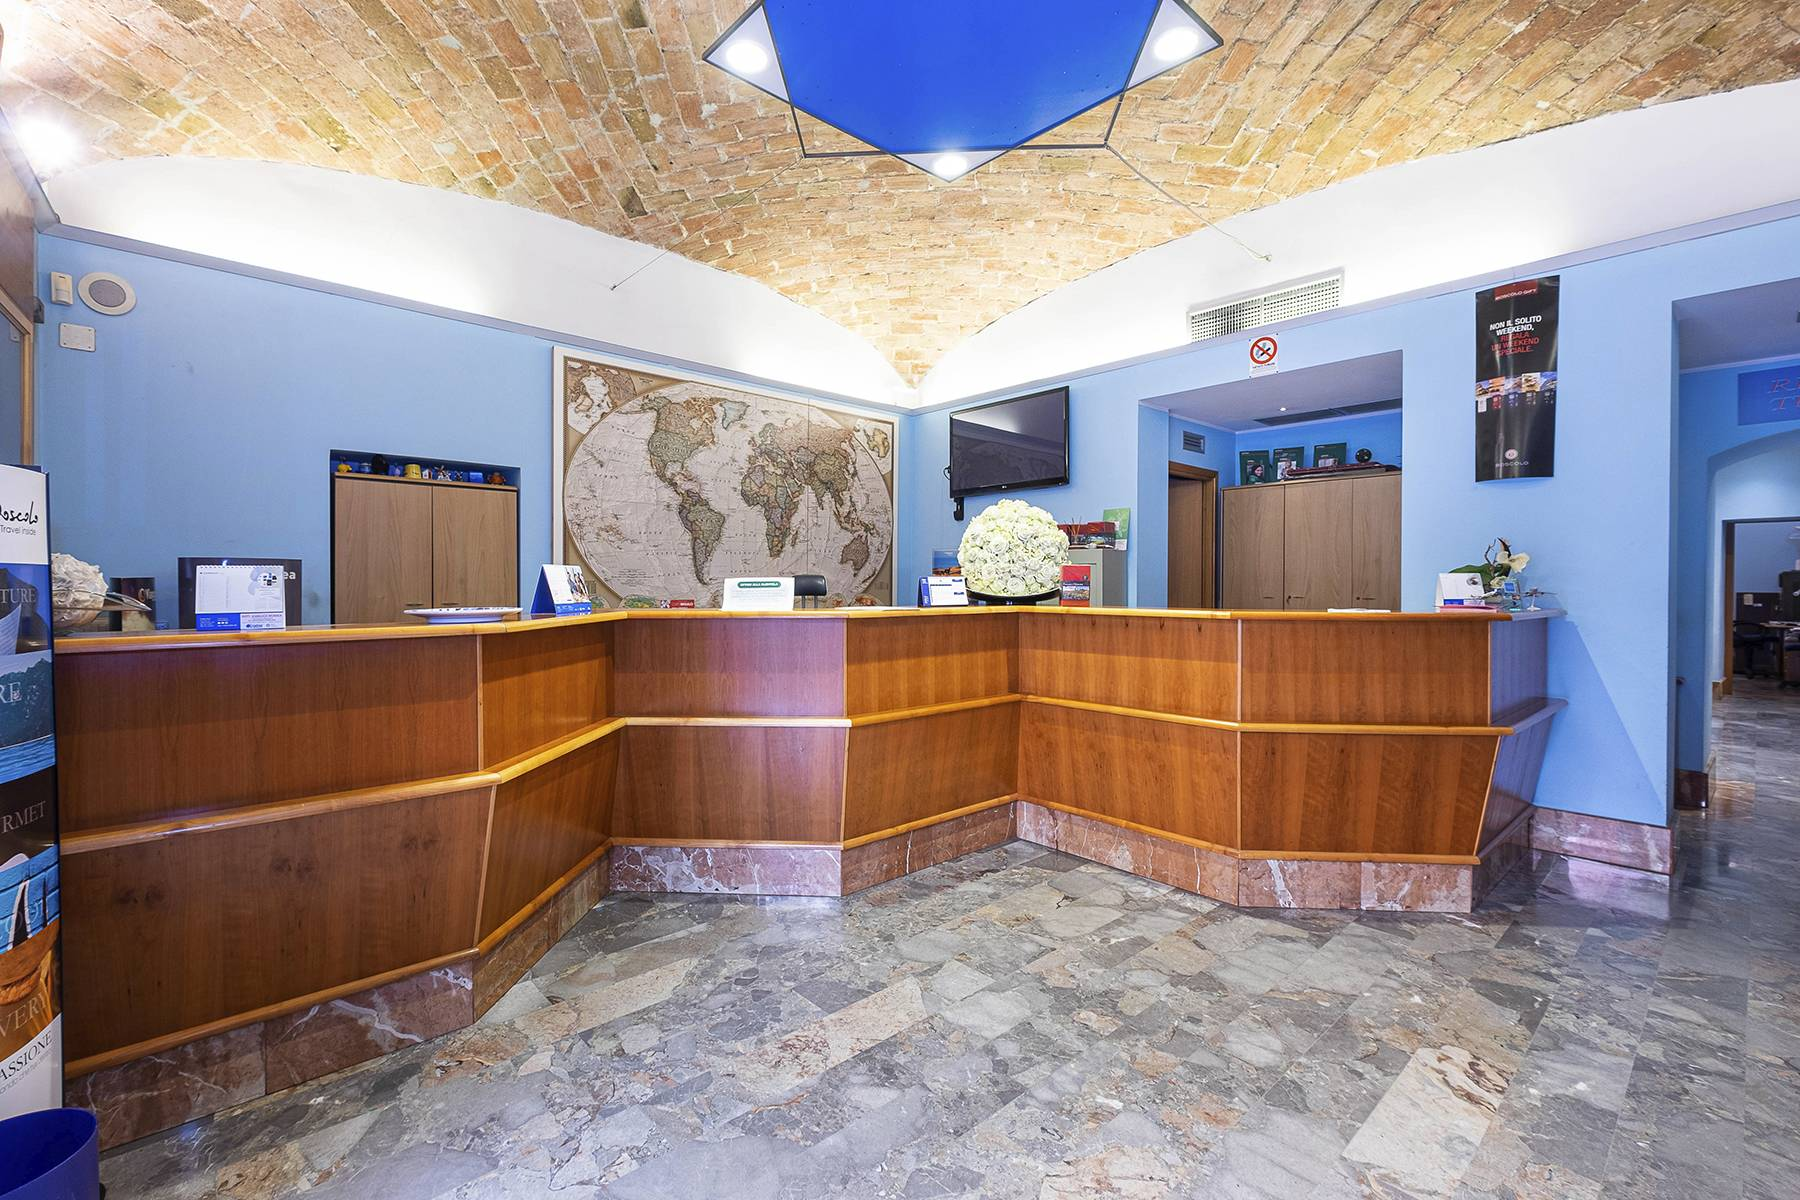 Negozio-locale in Vendita a Roma: 5 locali, 180 mq - Foto 14